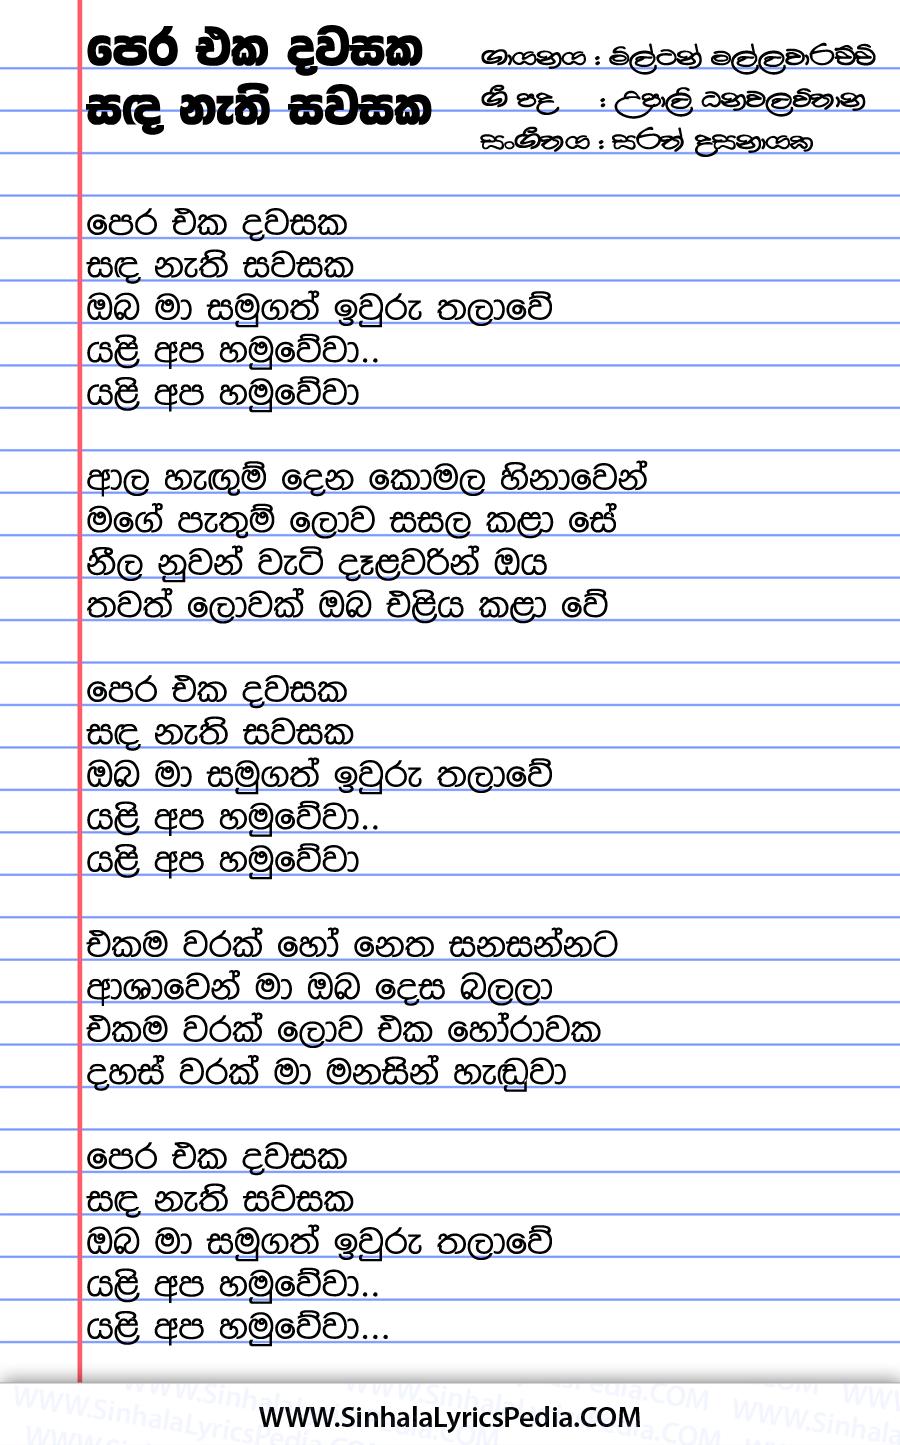 Pera Eka Dawasaka Sanda Nathi Sawasaka Song Lyrics